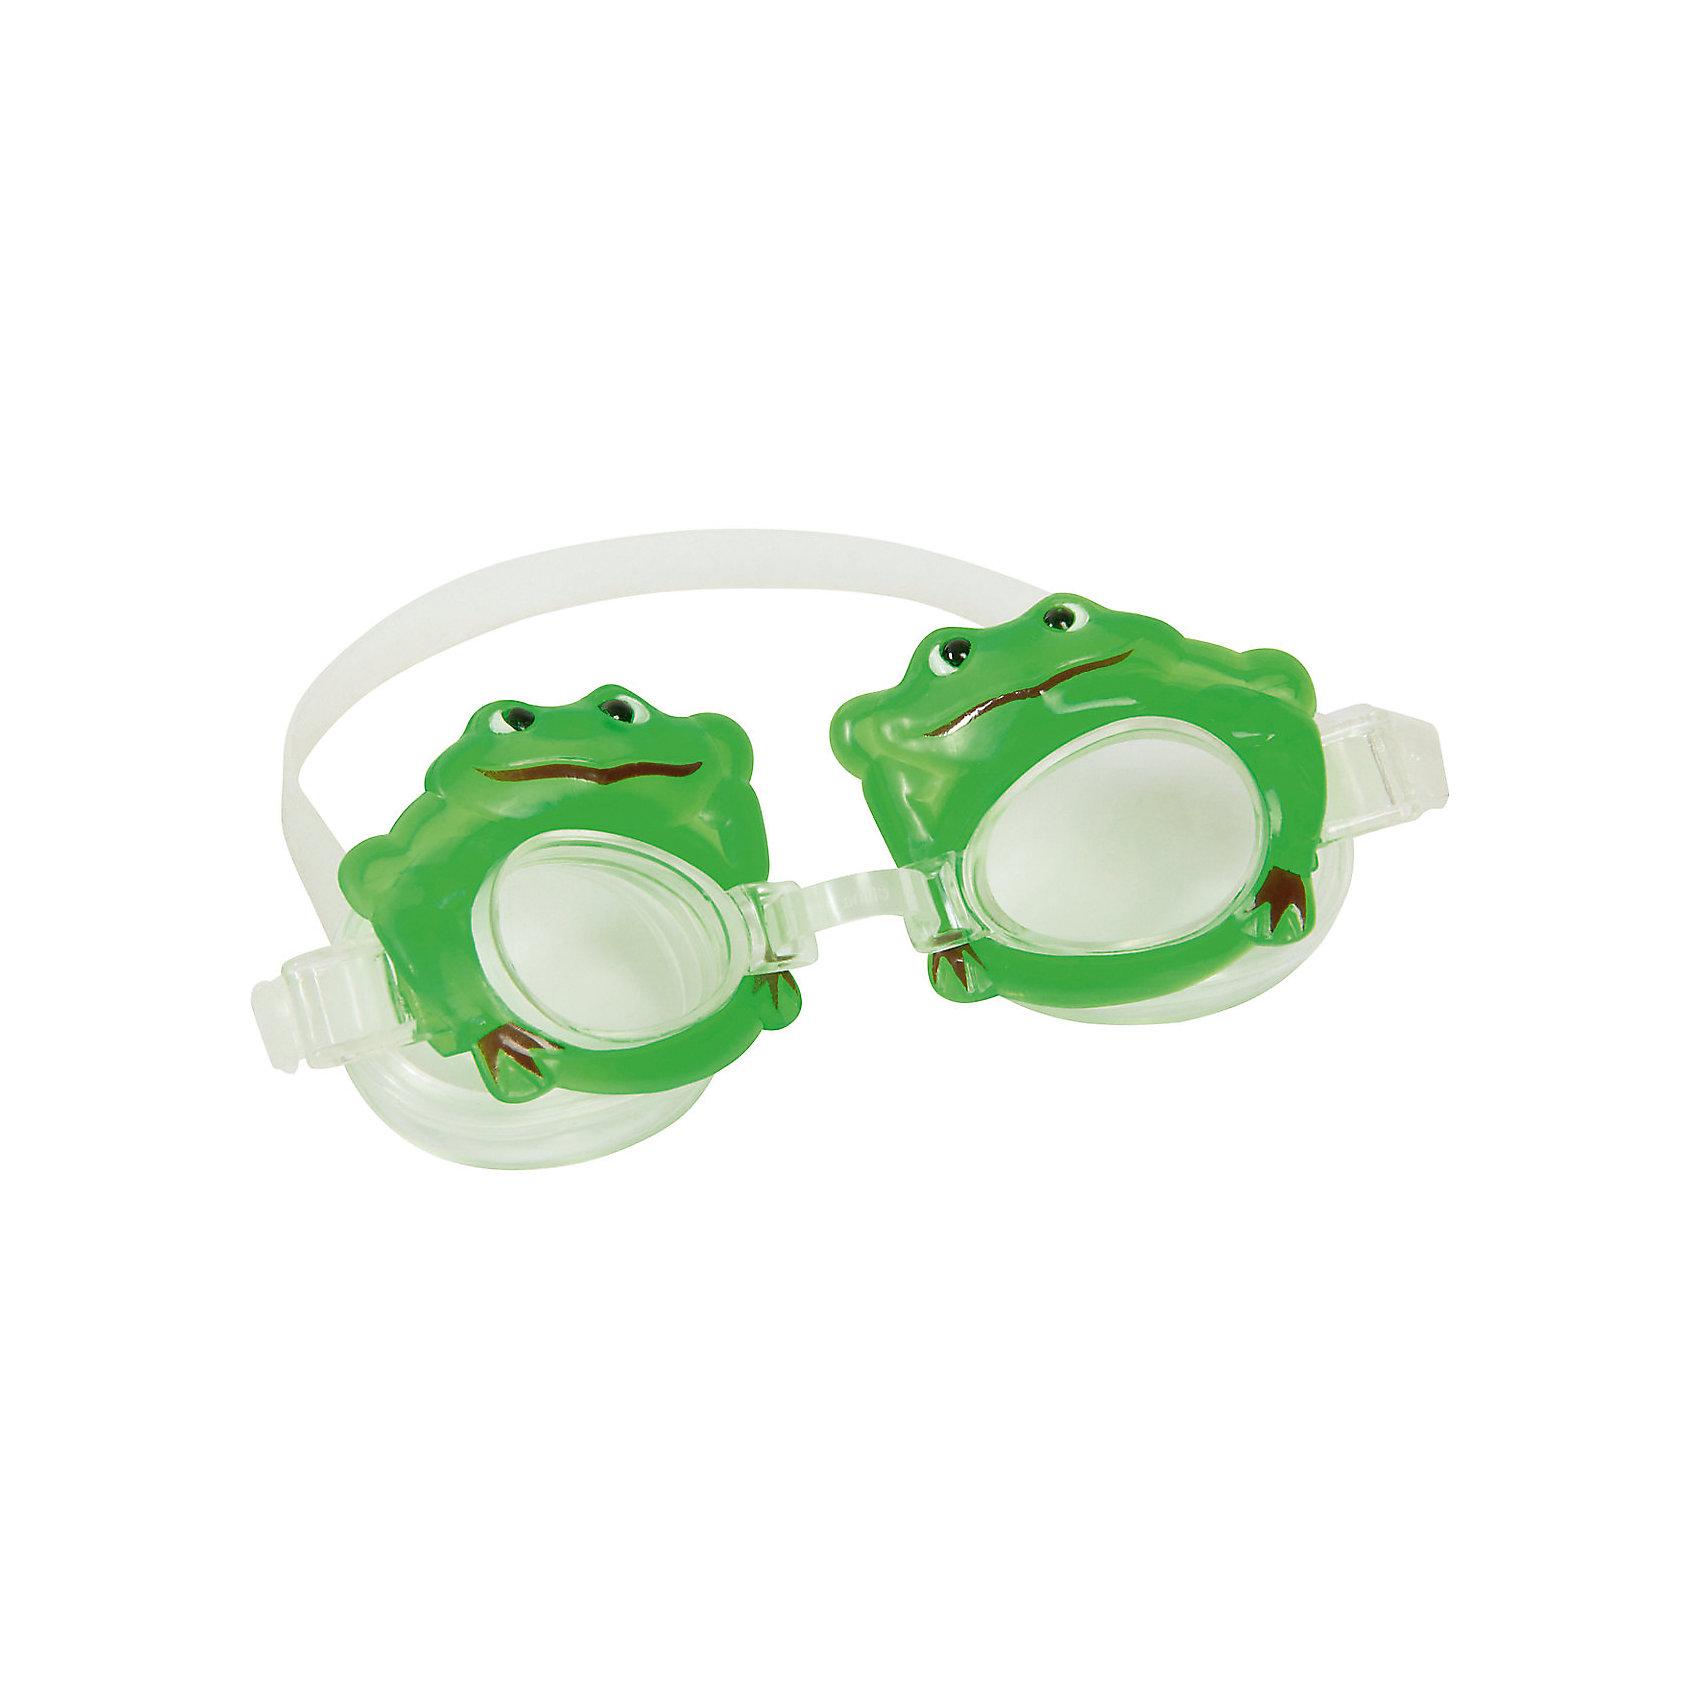 Очки для плавания детские, Bestway, зелёныеОчки, маски, ласты, шапочки<br>Детские очки для плавания морские животные, Bestway, замечательно подойдут тем, кто только учится плавать. Очки выполнены в оригинальном дизайне в форме морских обитателей. Качественный ударопрочный материал не раздражает кожу и полностью безопасен для детского<br>здоровья. Очки оснащены линзами со специальным покрытием для предотвращения запотевания, плотно прилегают к лицу и надёжно фиксируются регулируемым ремешком. Оправа из гипоаллергенного и мягкого на ощупь термопластика обеспечивают комфорт во время использования. В ассортименте 4 дизайна в виде морских животных. Подходит для детей от 3 лет.<br><br>Дополнительная информация:<br><br>- Материал: поликарбонат, резина/латекс.<br>- Размер упаковки: 20 х 10 х 3 см.<br>- Вес: 17 гр.<br><br>Очки для плавания детские, морские животные в ассортименте, Bestway, можно купить в нашем интернет-магазине.<br><br>ВНИМАНИЕ! Данный артикул имеется в наличии в разных вариантах исполнения. Заранее выбрать определенный вариант нельзя. При заказе нескольких наборов возможно получение одинаковых.<br><br>Ширина мм: 205<br>Глубина мм: 168<br>Высота мм: 36<br>Вес г: 71<br>Возраст от месяцев: 36<br>Возраст до месяцев: 2147483647<br>Пол: Унисекс<br>Возраст: Детский<br>SKU: 4980619